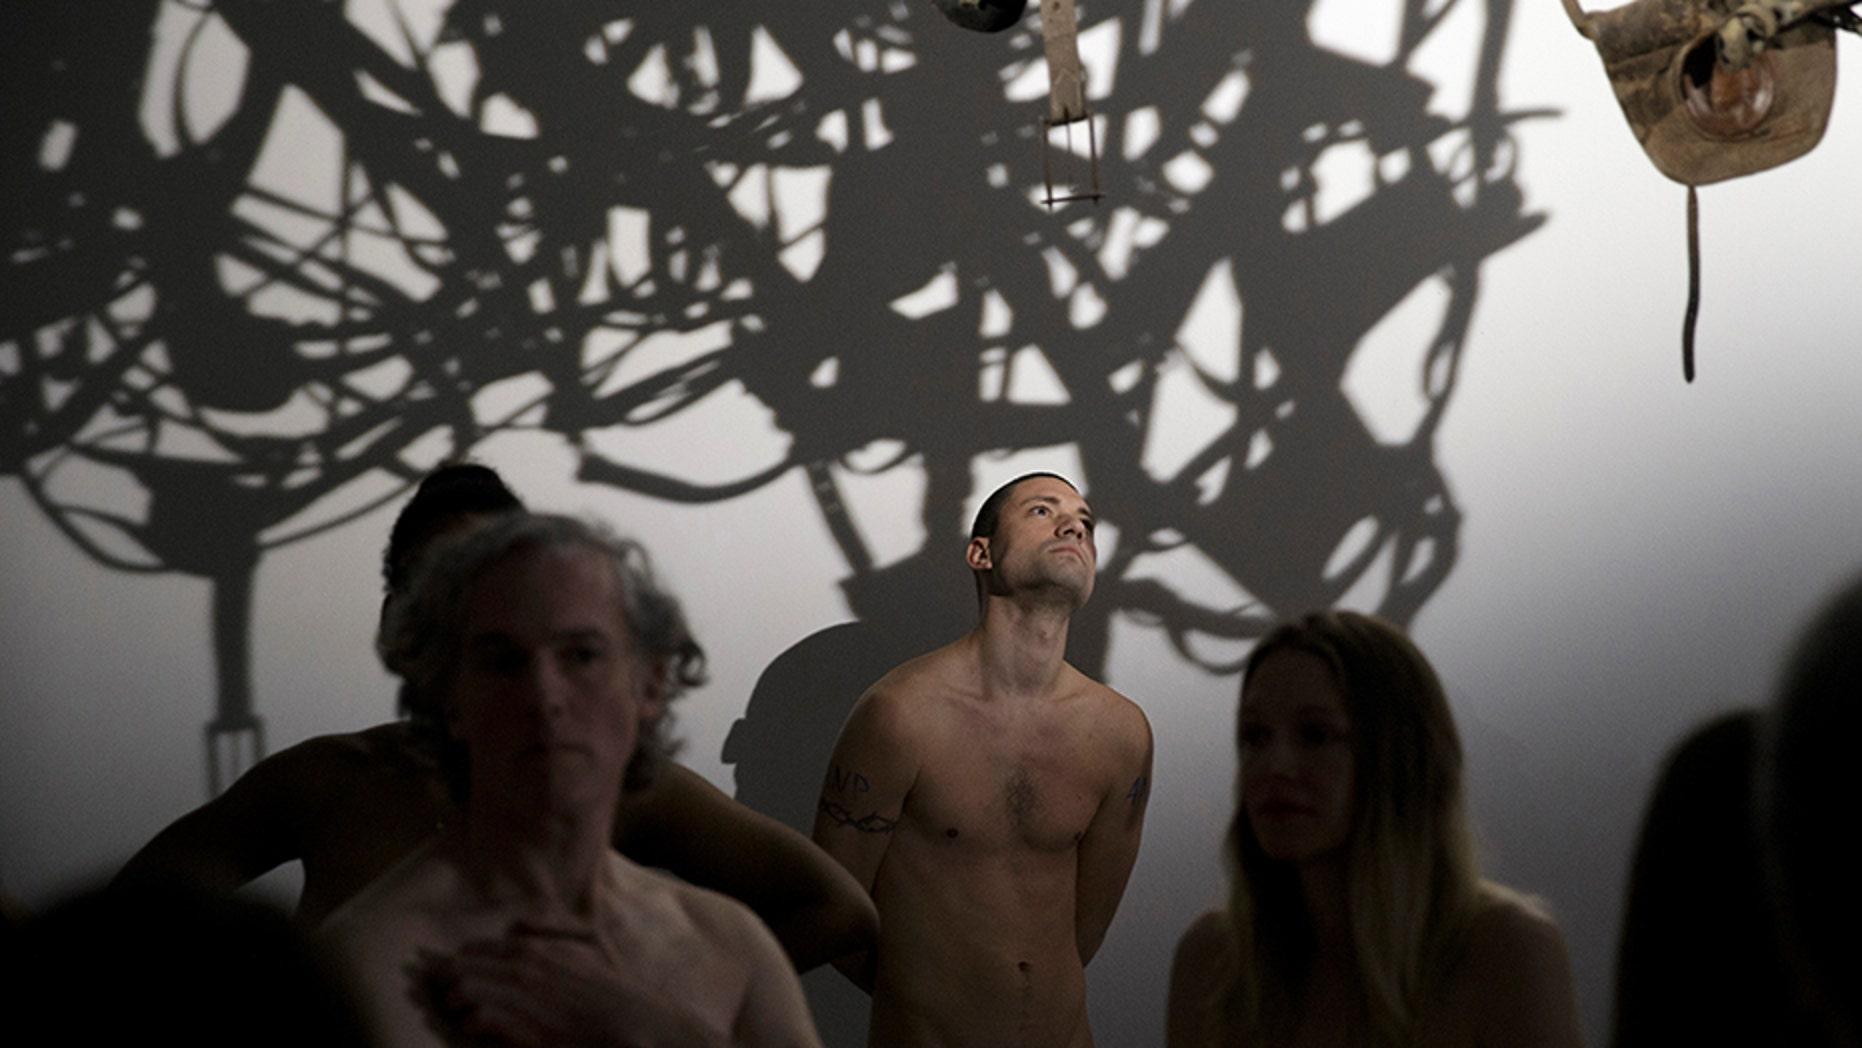 Members of the ANC (Association des Naturistes de Paris) taking part in a nude visit of the 'Discorde, Fille de la Nuit' season exhibition at the Palais de Tokyo contemporary art centre in Paris.